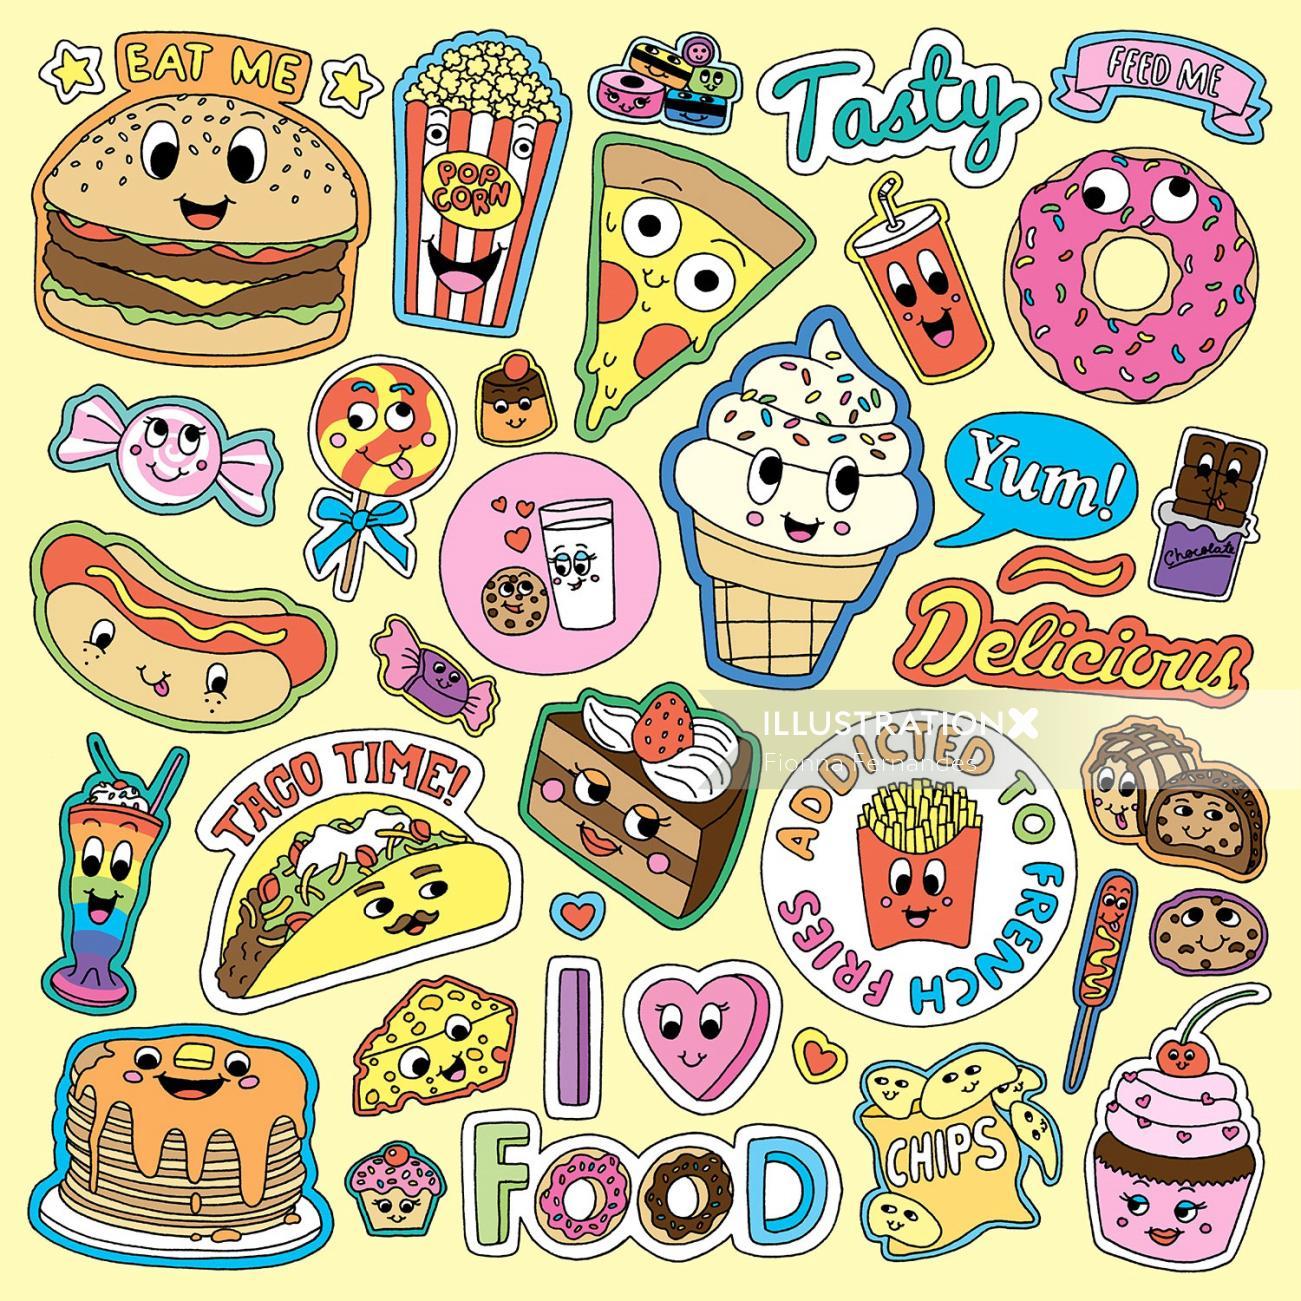 Set of Food & Drink Illustration